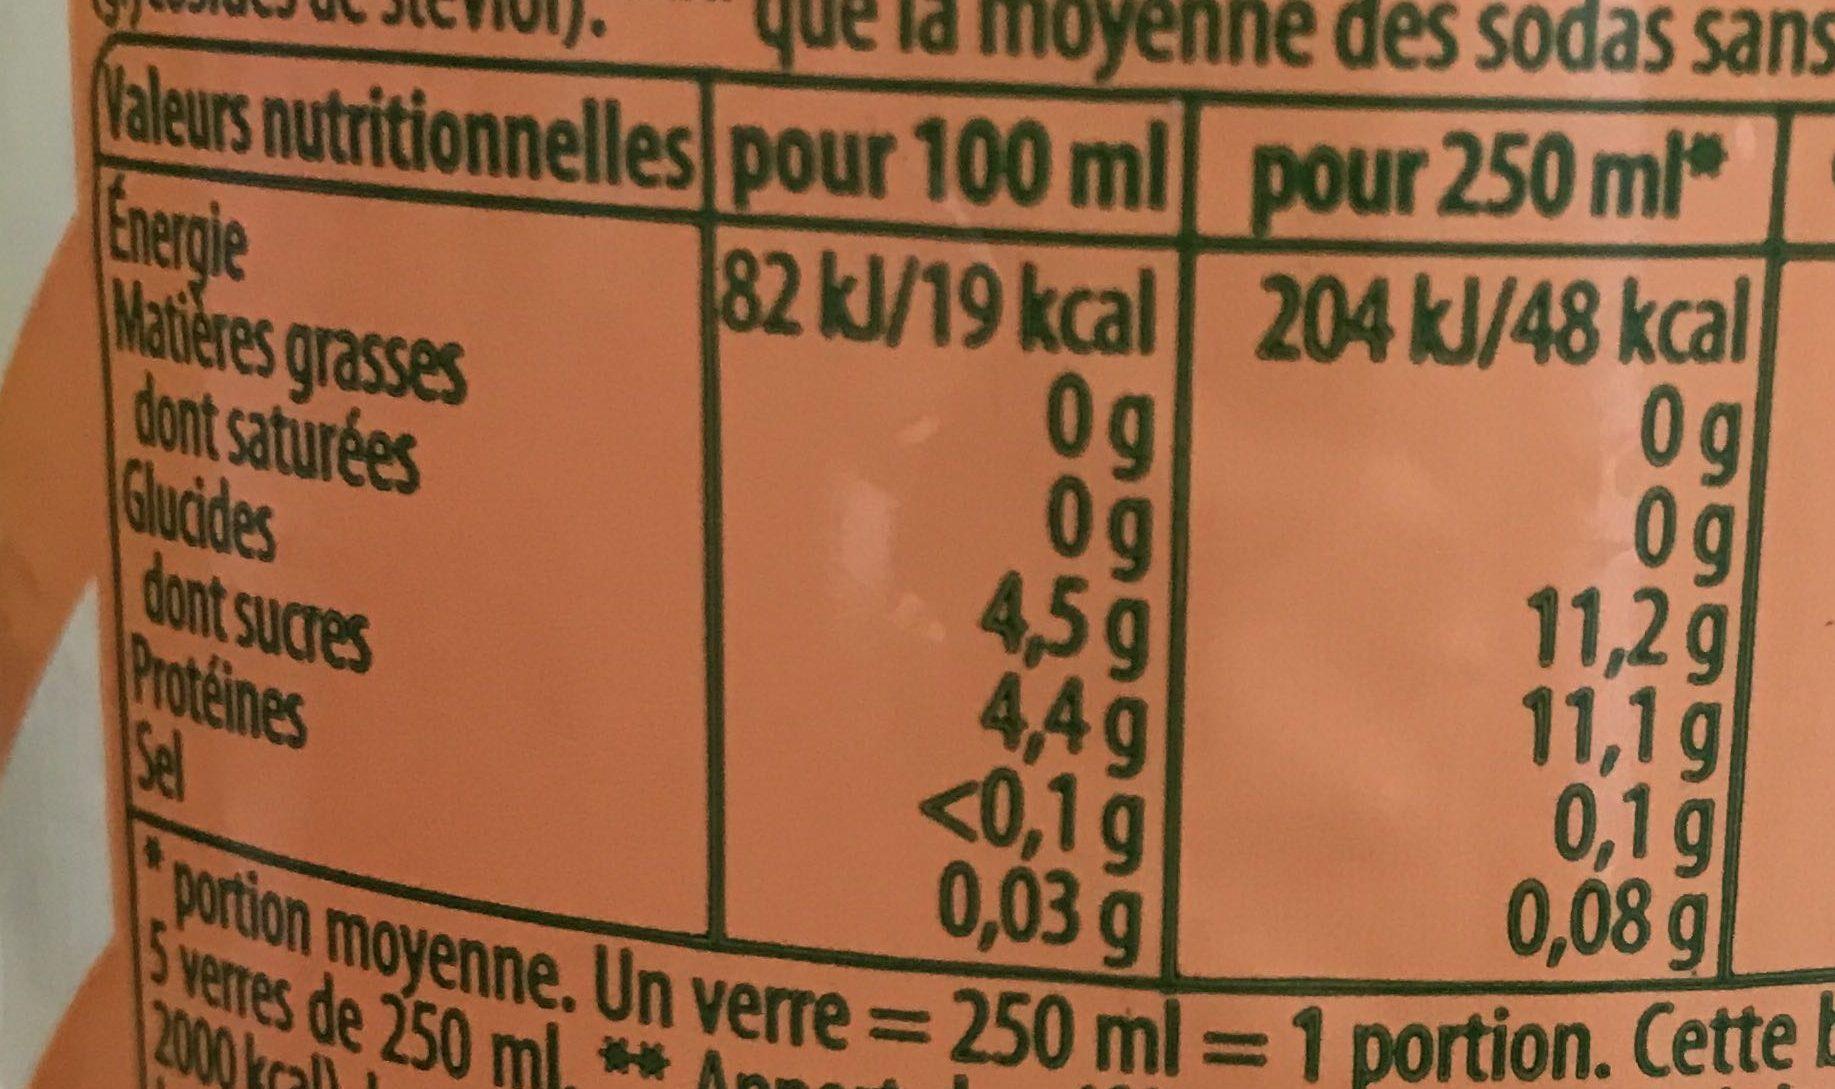 Lemon Citronnade Gazeuse - Informations nutritionnelles - fr